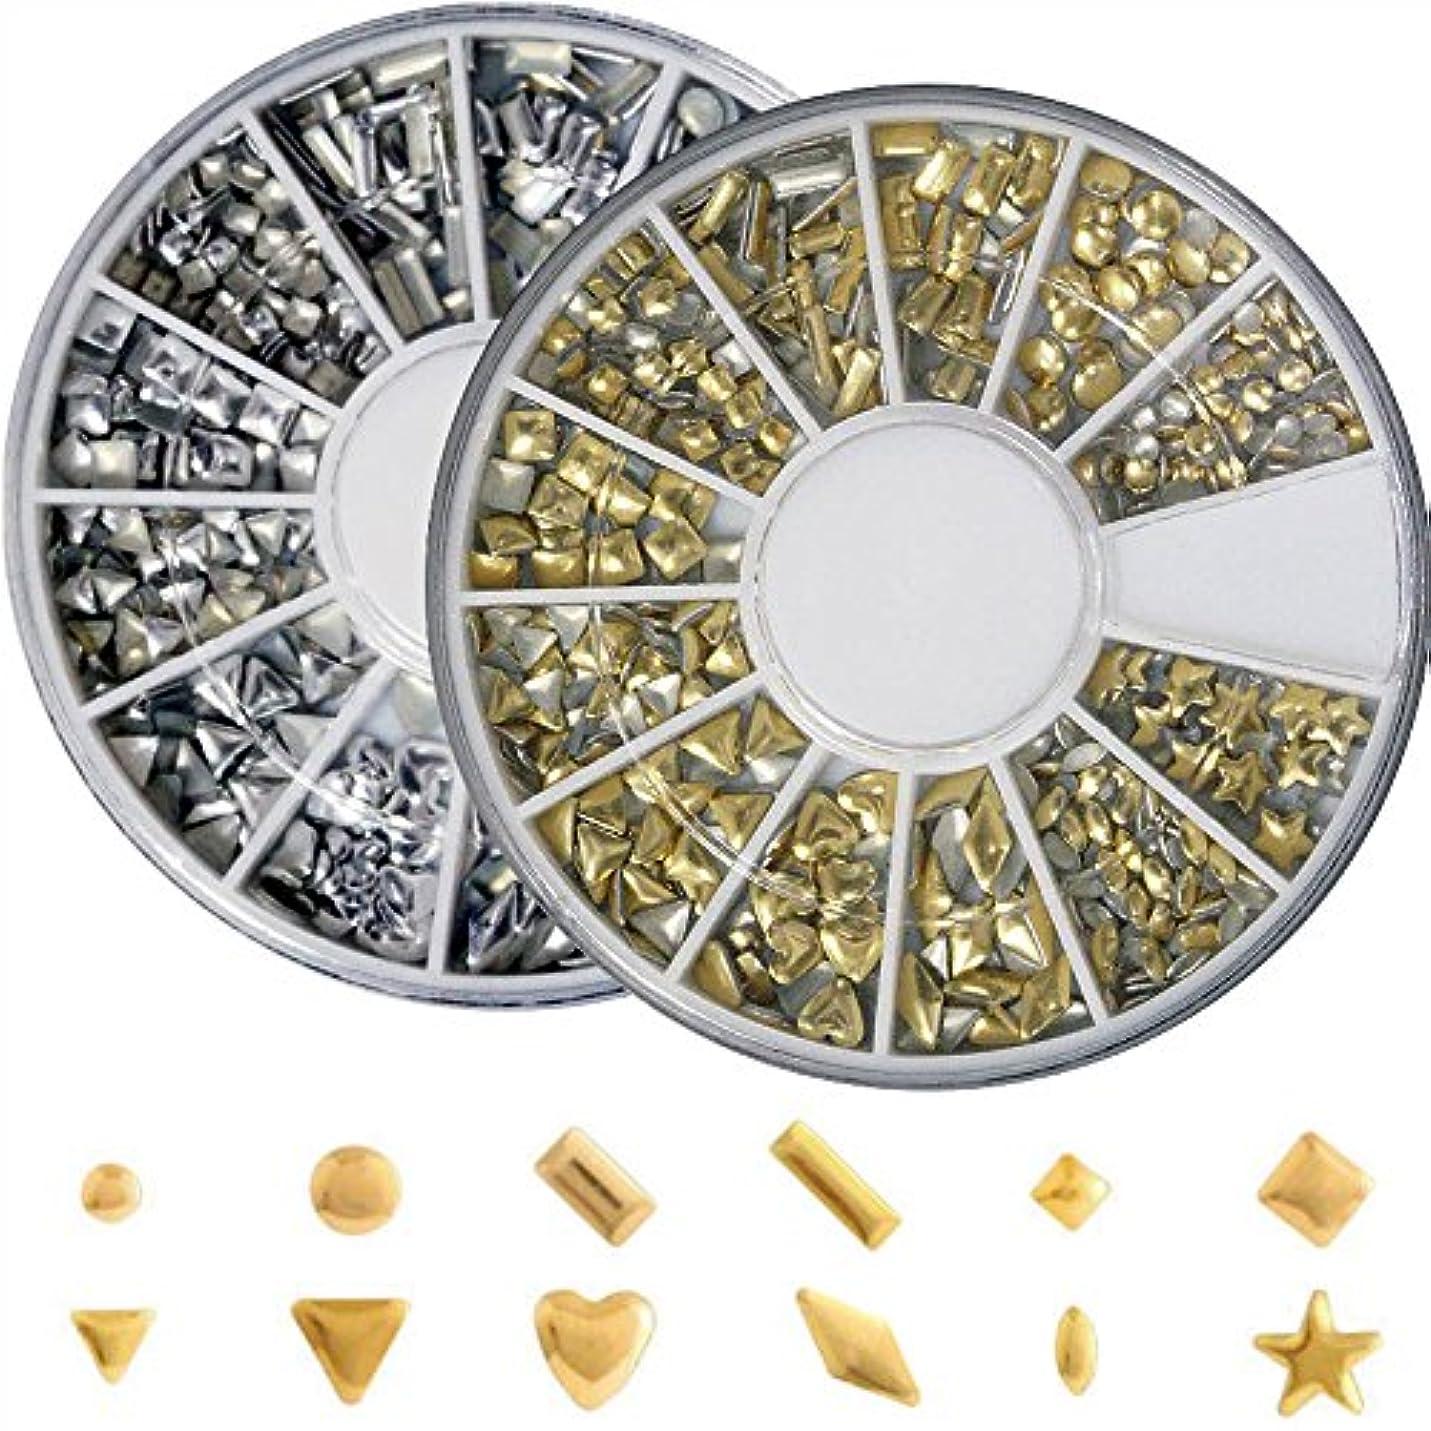 ロースト欠陥パンメタルスタッズ12種類 ネイル用 ゴールド&シルバー ラウンドケース入2個/セット